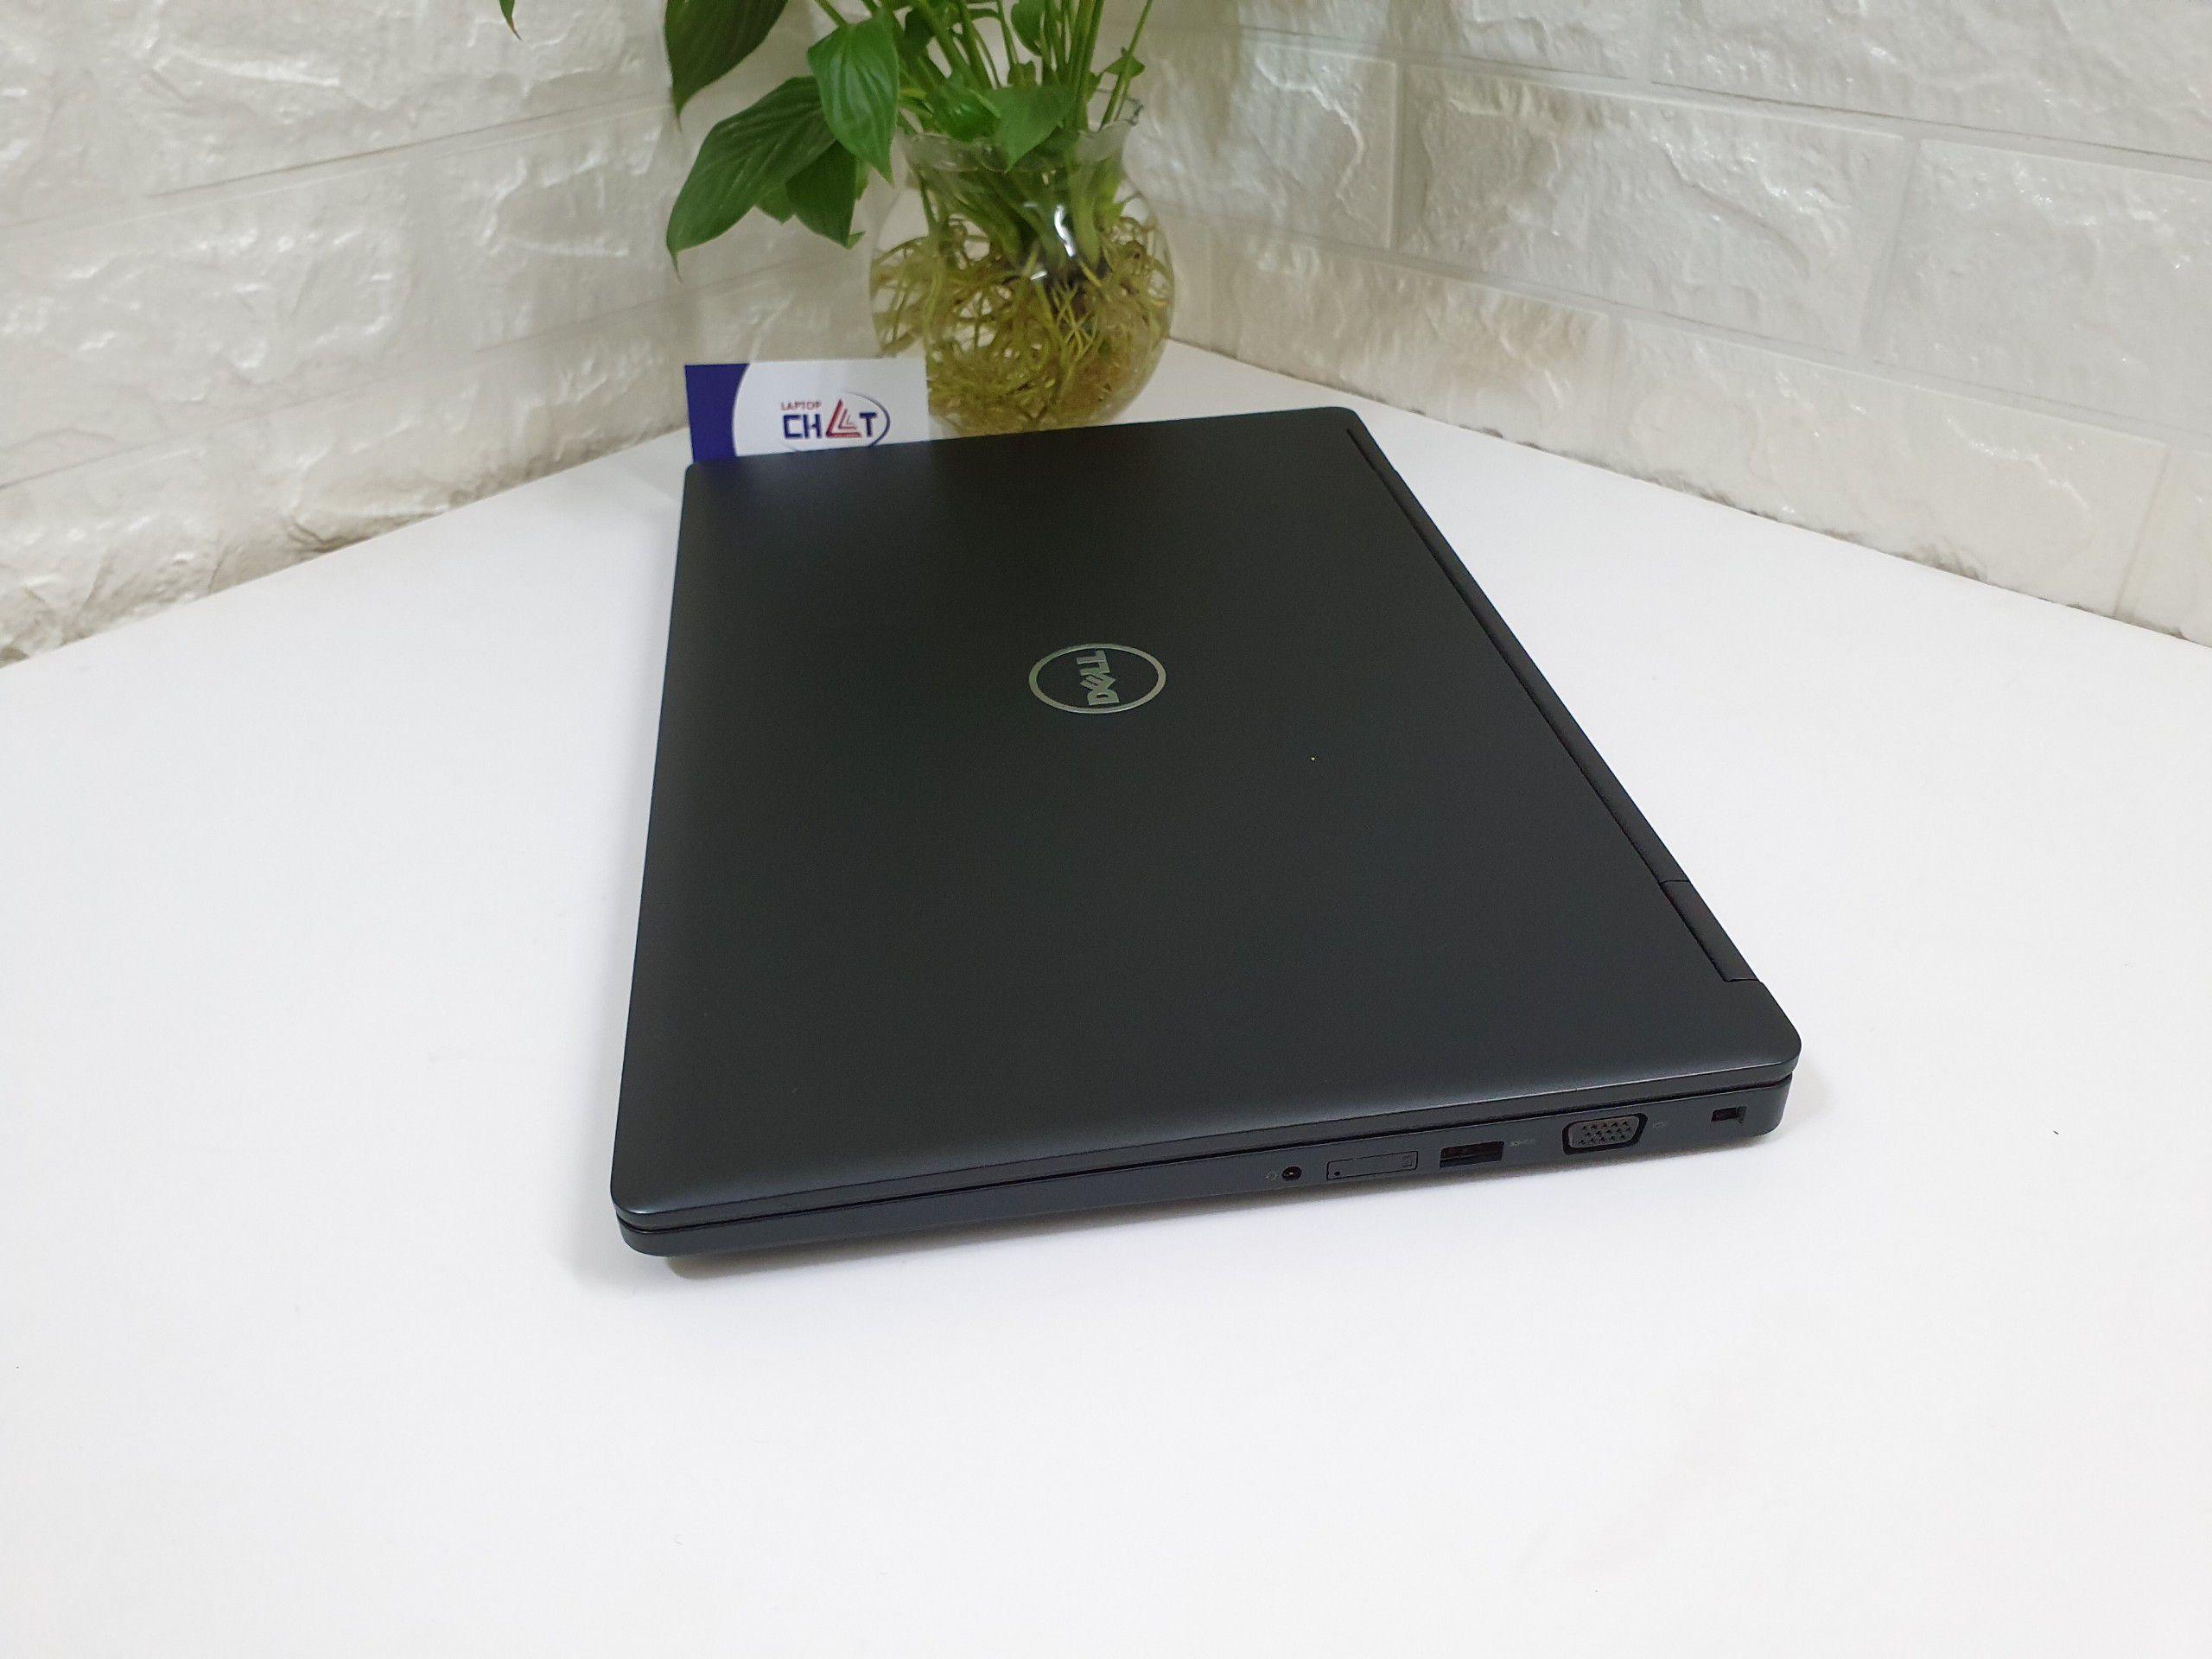 Dell Latitude 5580 i7